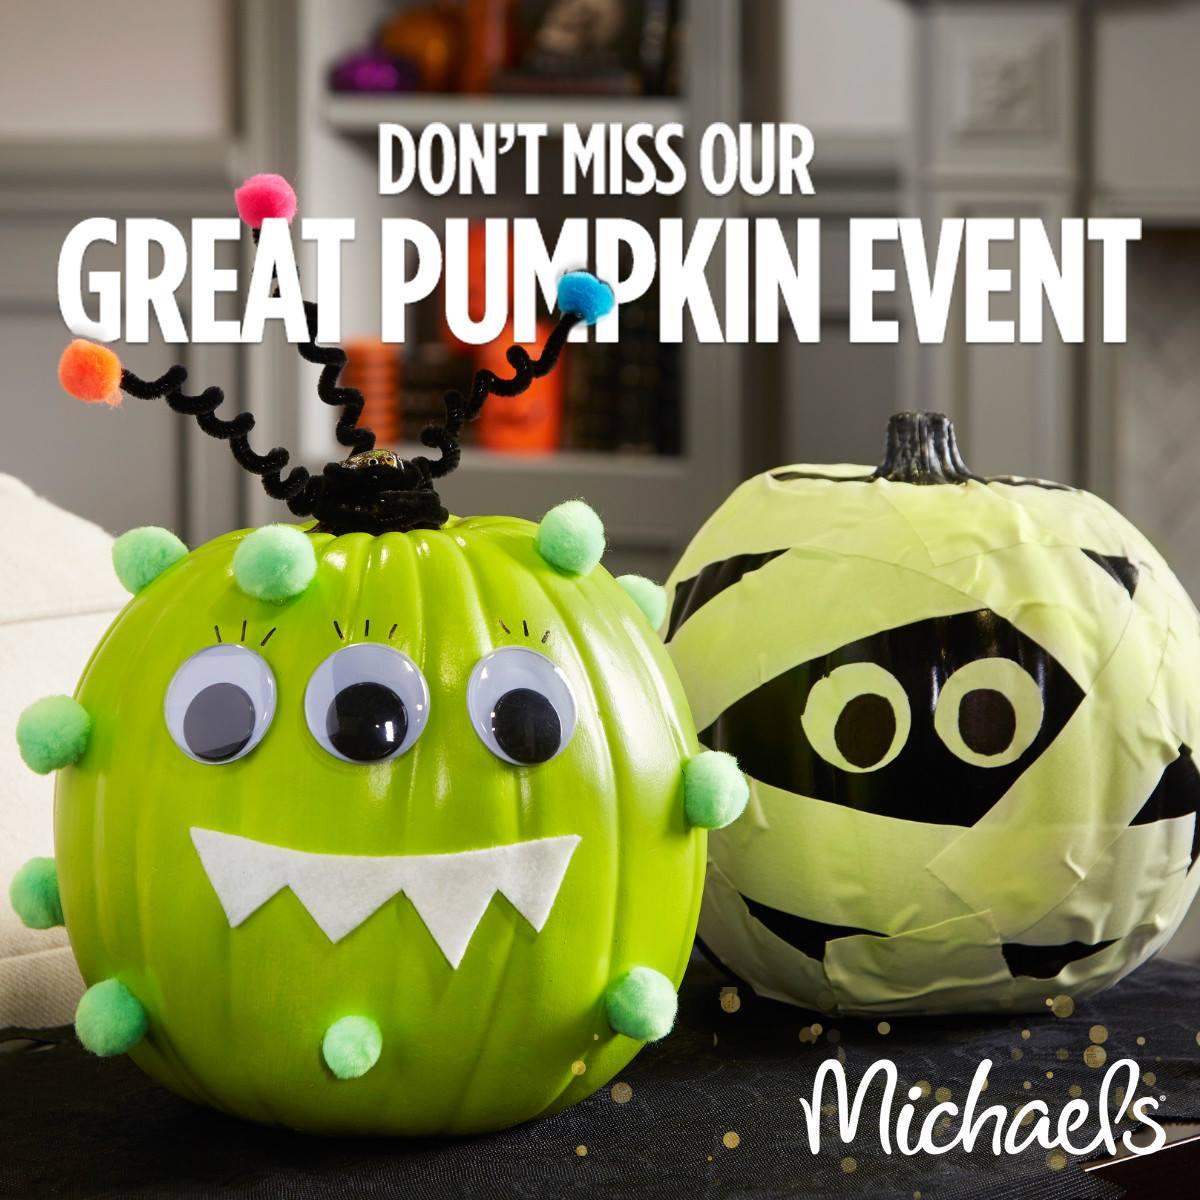 michaels-pumpkin-event